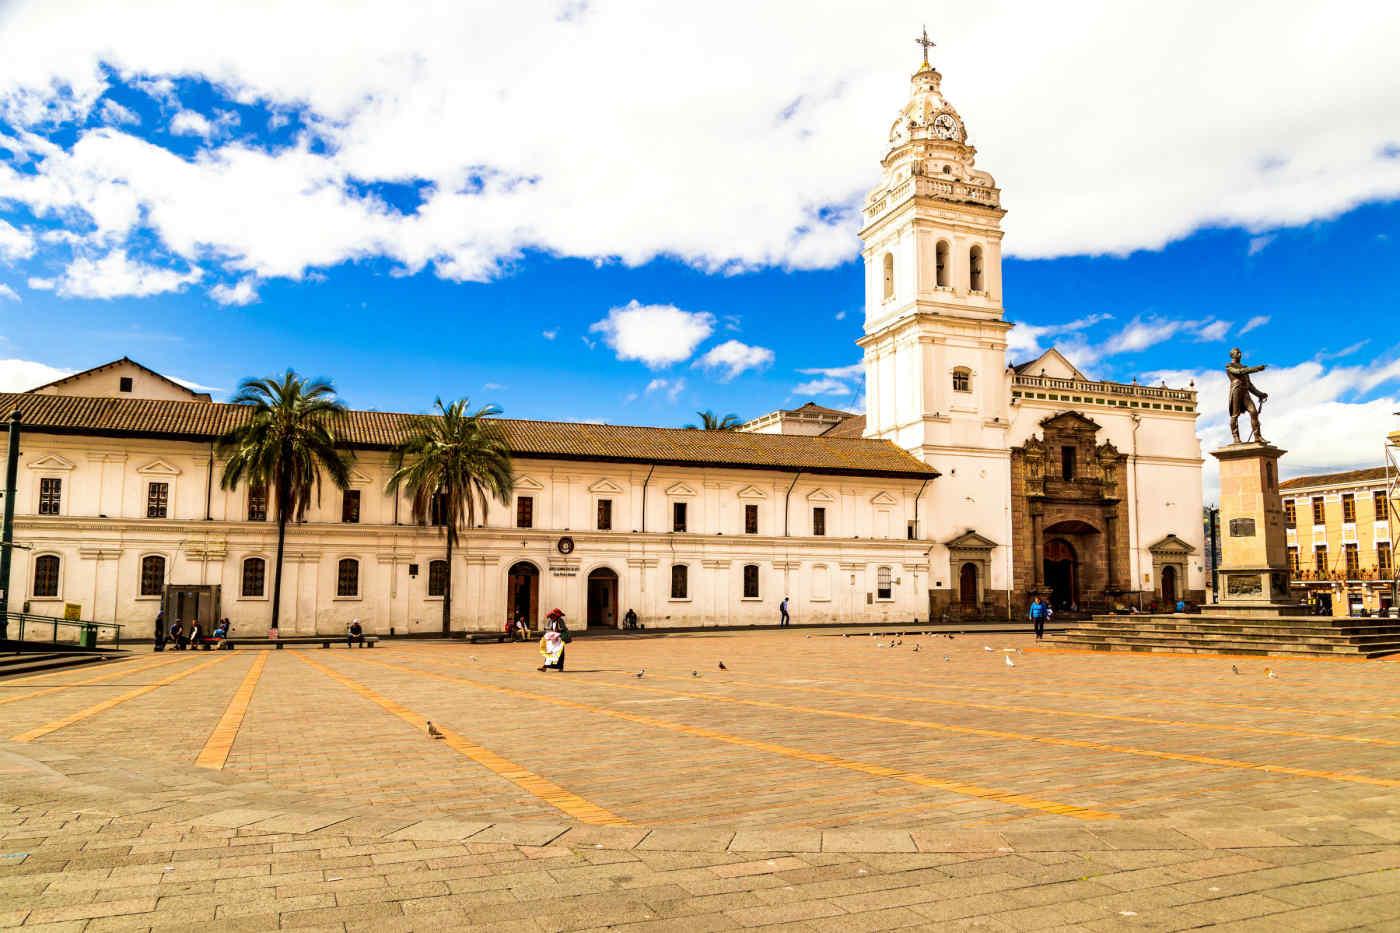 Plaza Santo Domingo in Quito